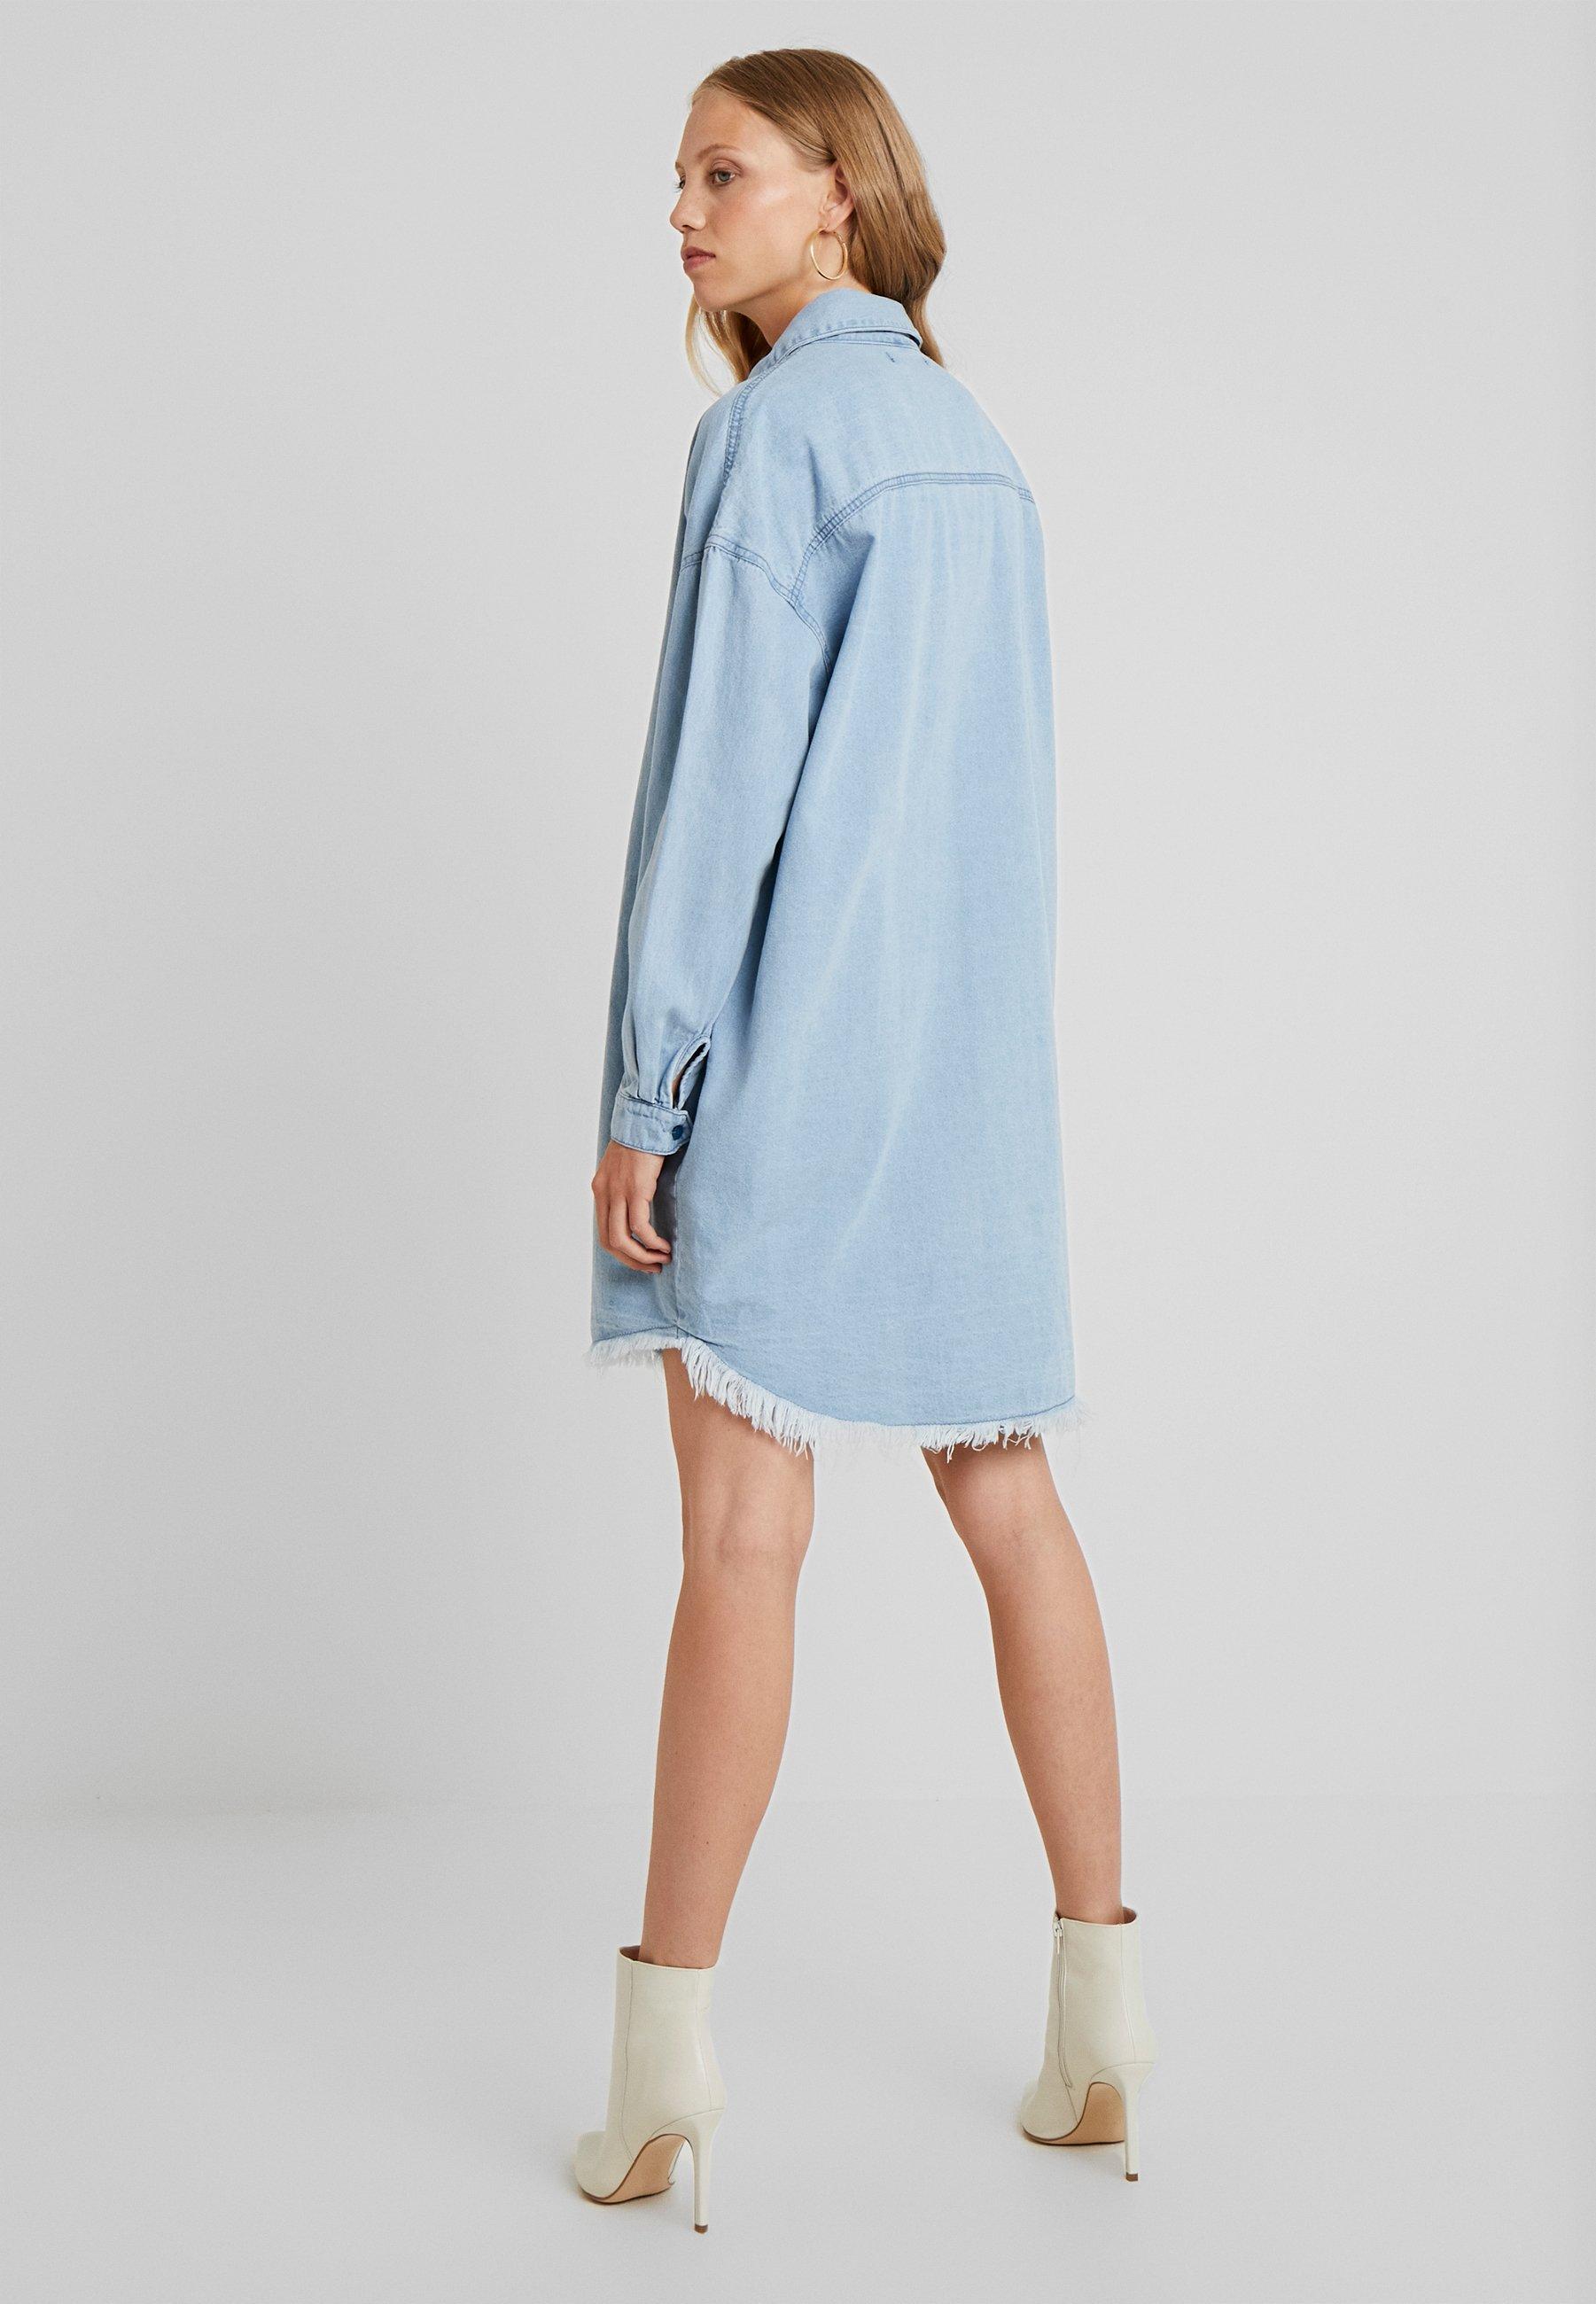 Missguided StonewashRobe Jean Dress Tall En Blue Oversized lKFJc1